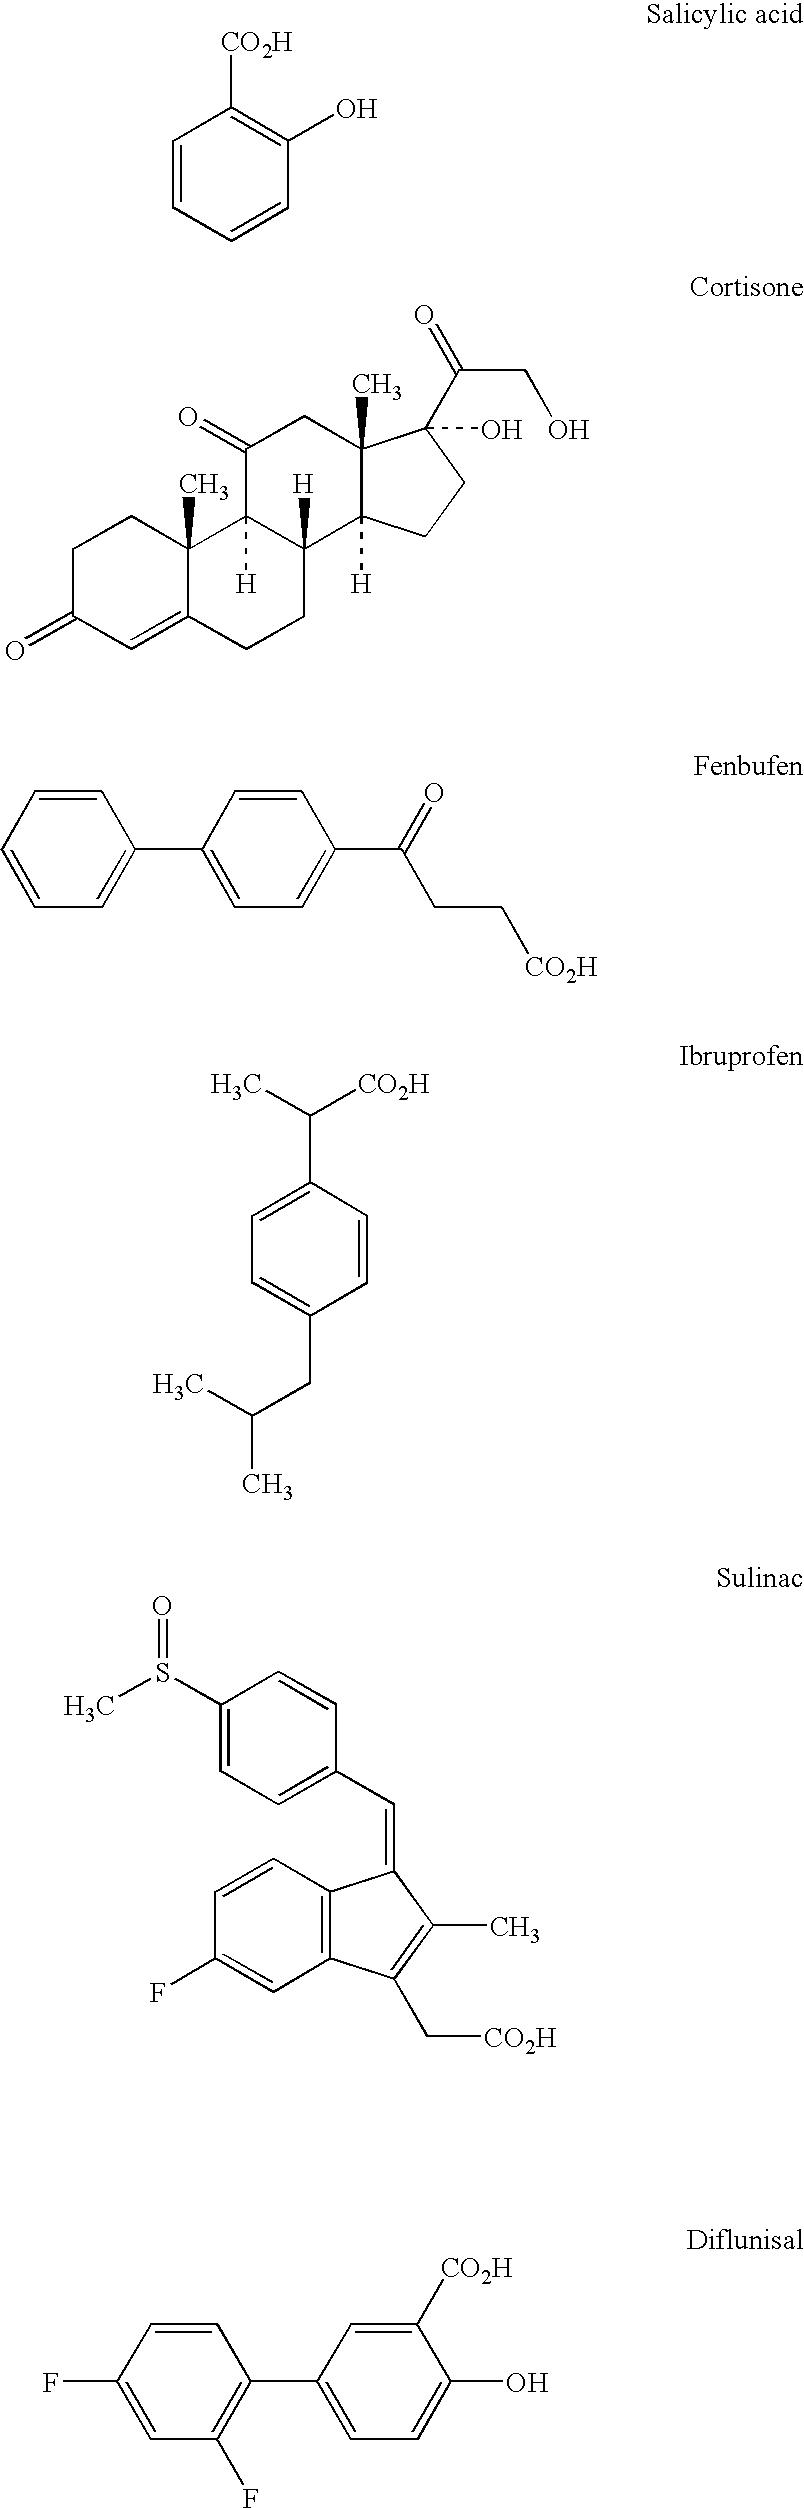 Figure US20040228902A1-20041118-C00001